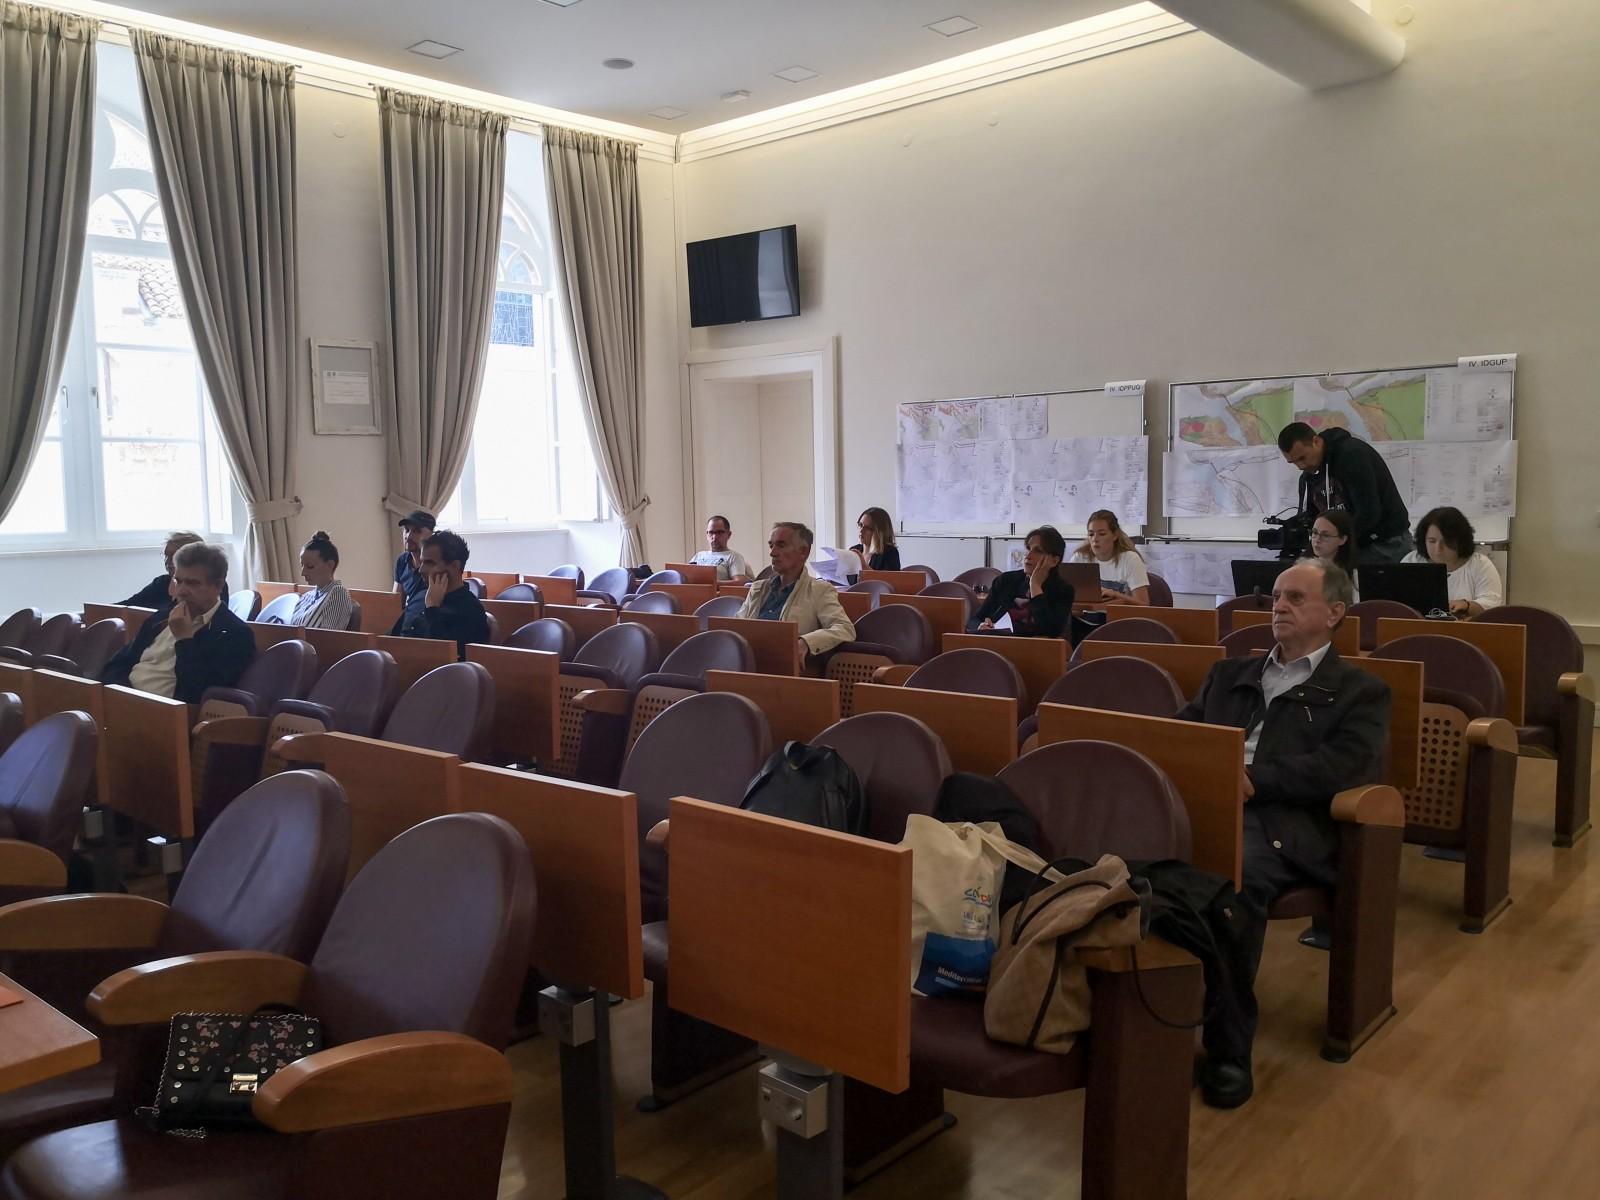 Održano javno izlaganje o Prijedlogu IV. Izmjena i dopuna Prostornog plana uređenja Grada Dubrovnika u sklopu Ponovne javne rasprave